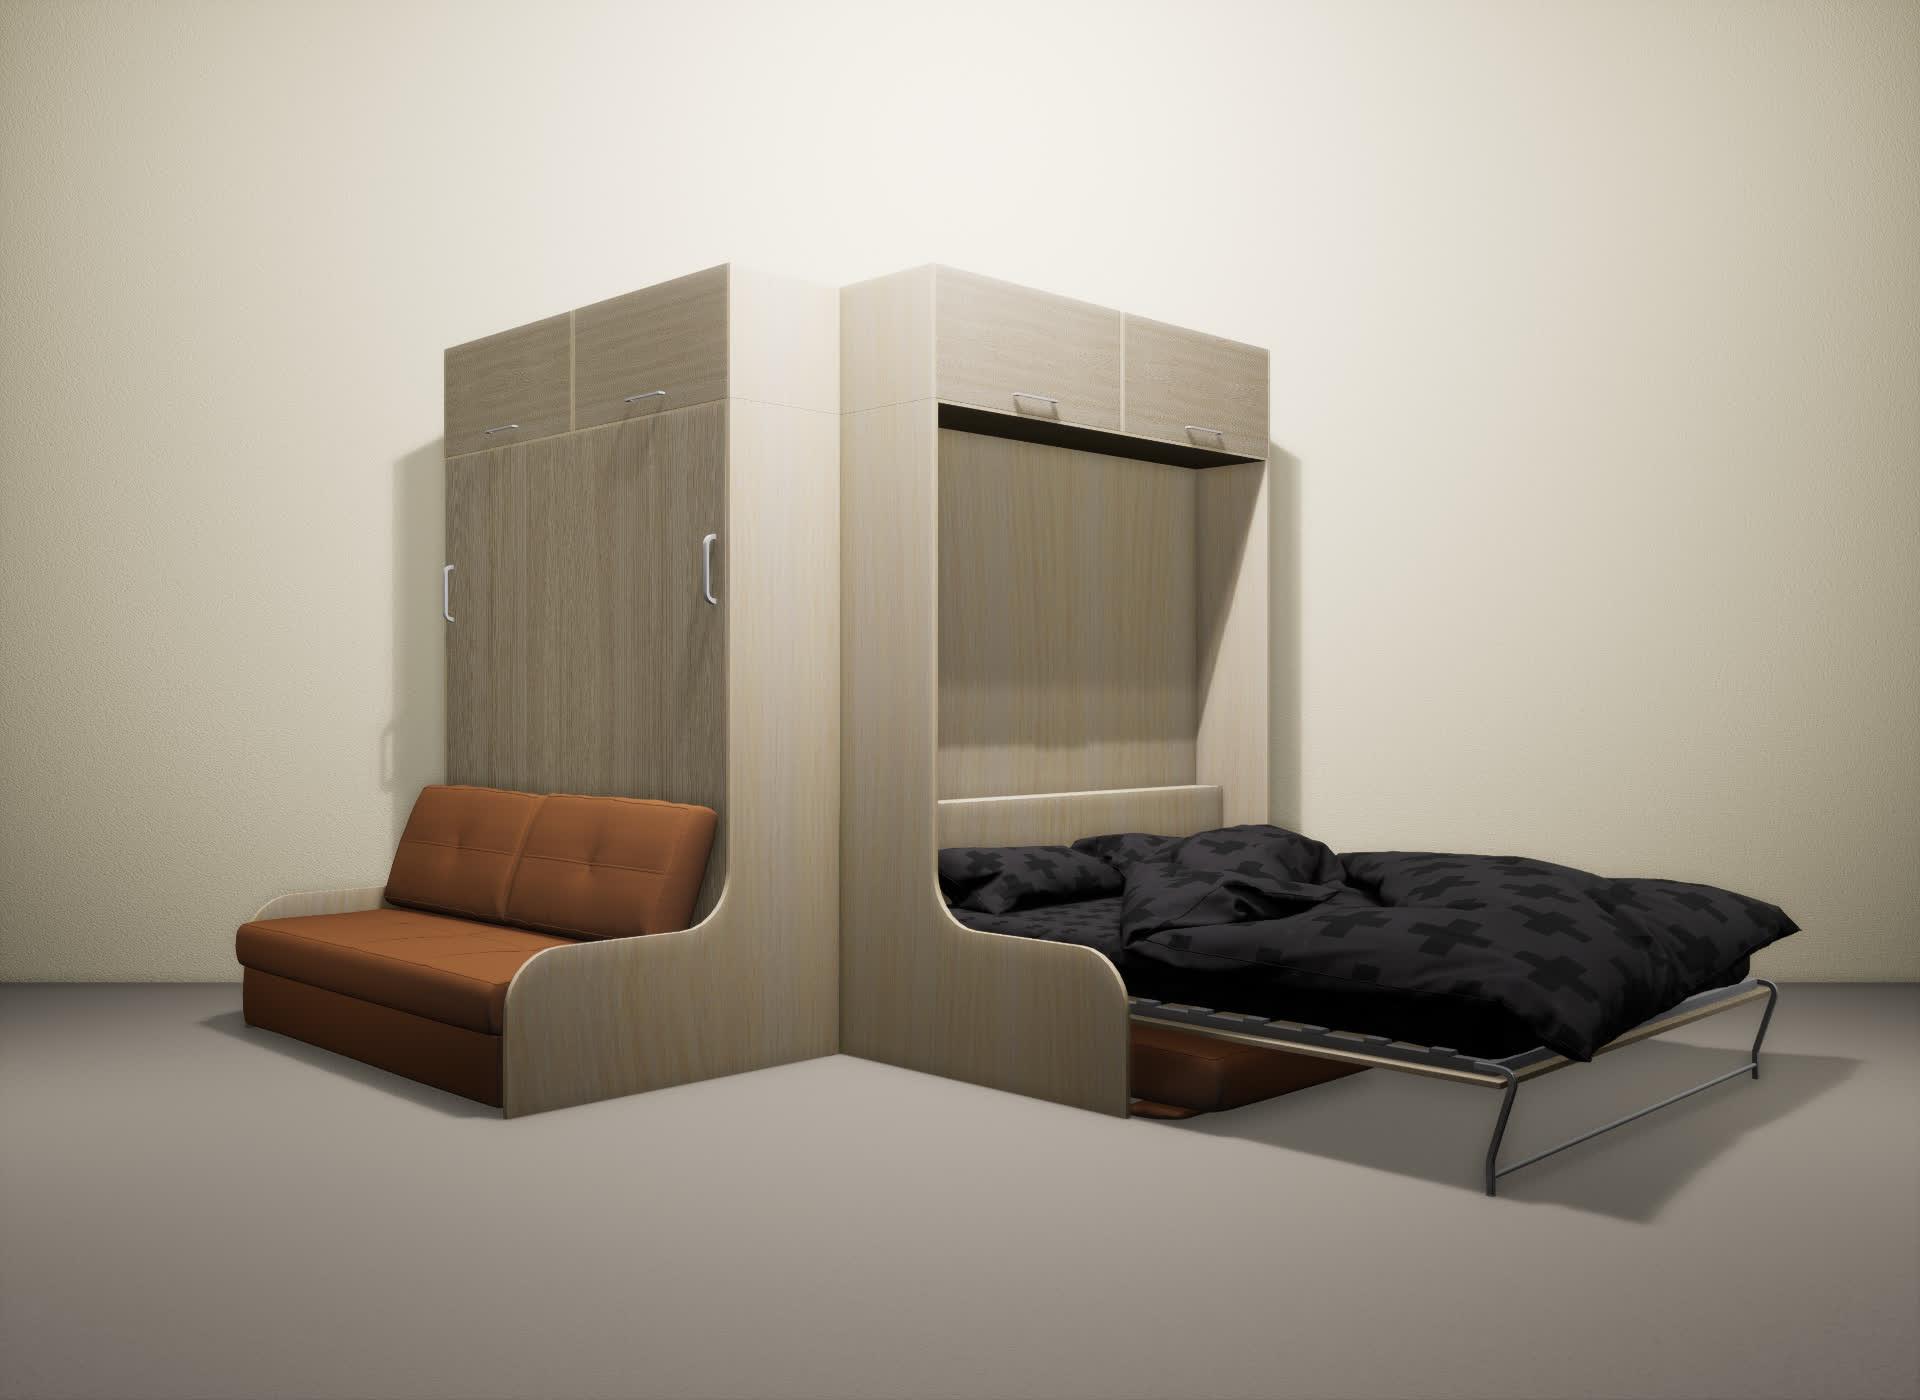 Шкаф-кровать SMART HOME Омега молочный дуб/ясень